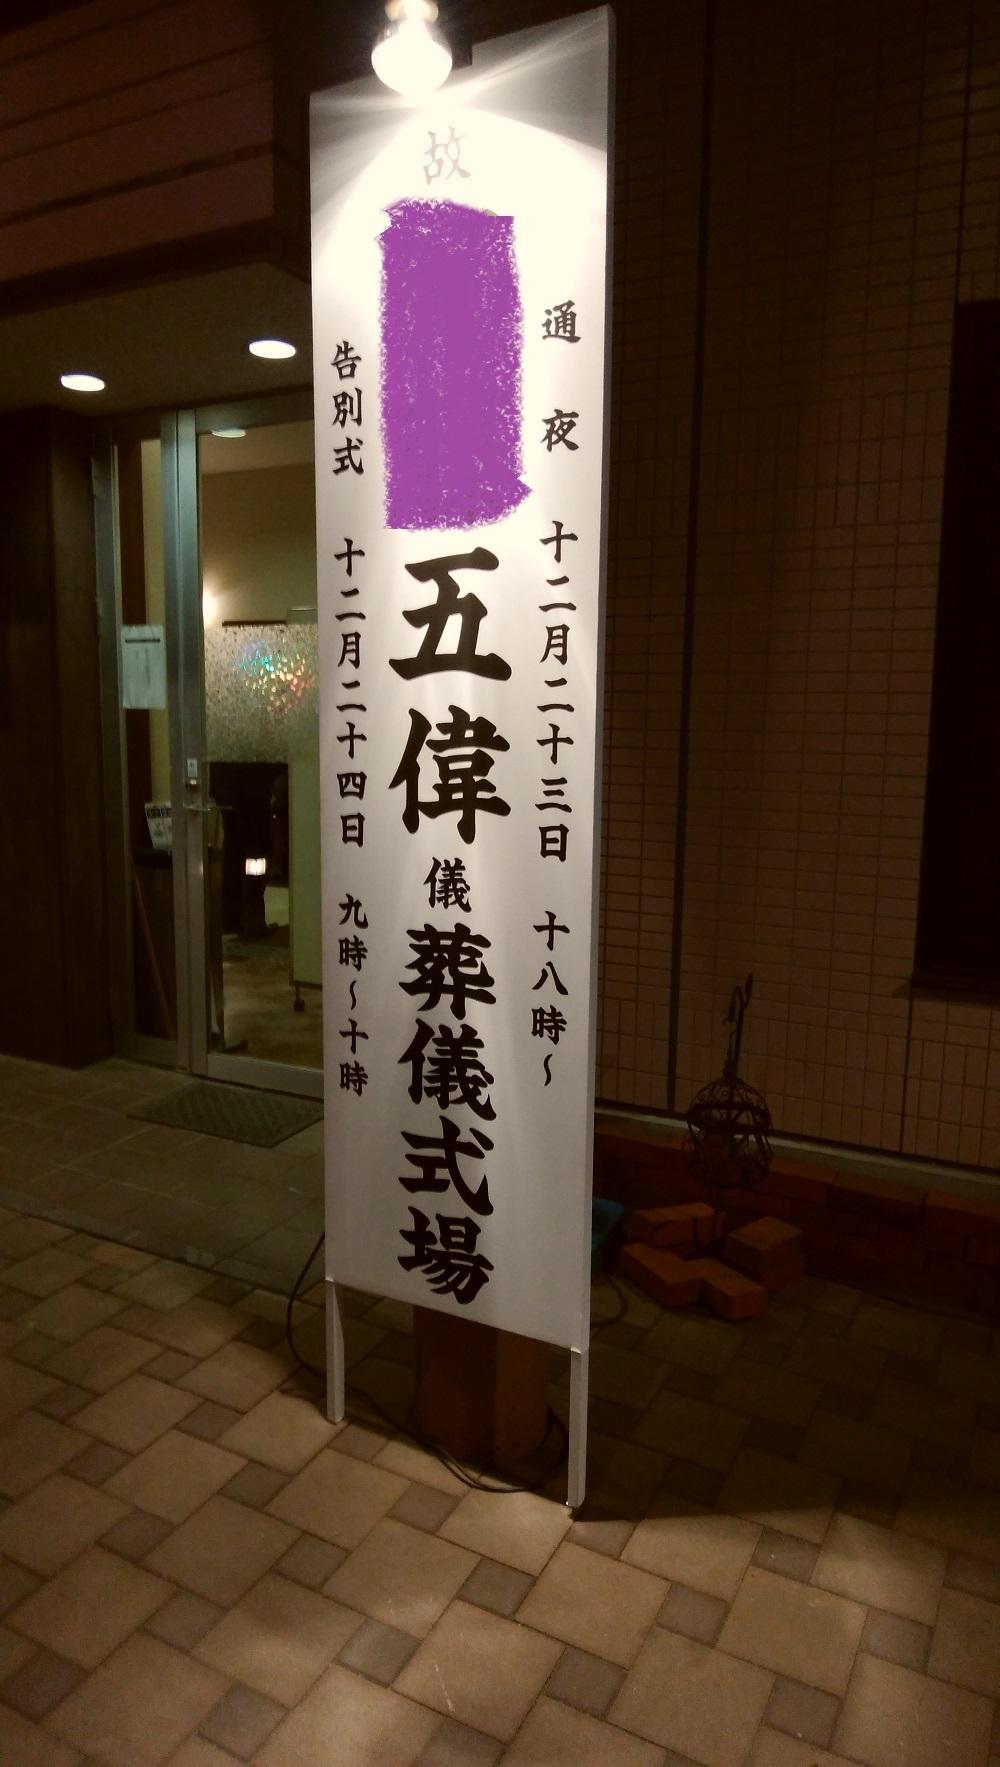 おじandroid-20181226175024 - コピー